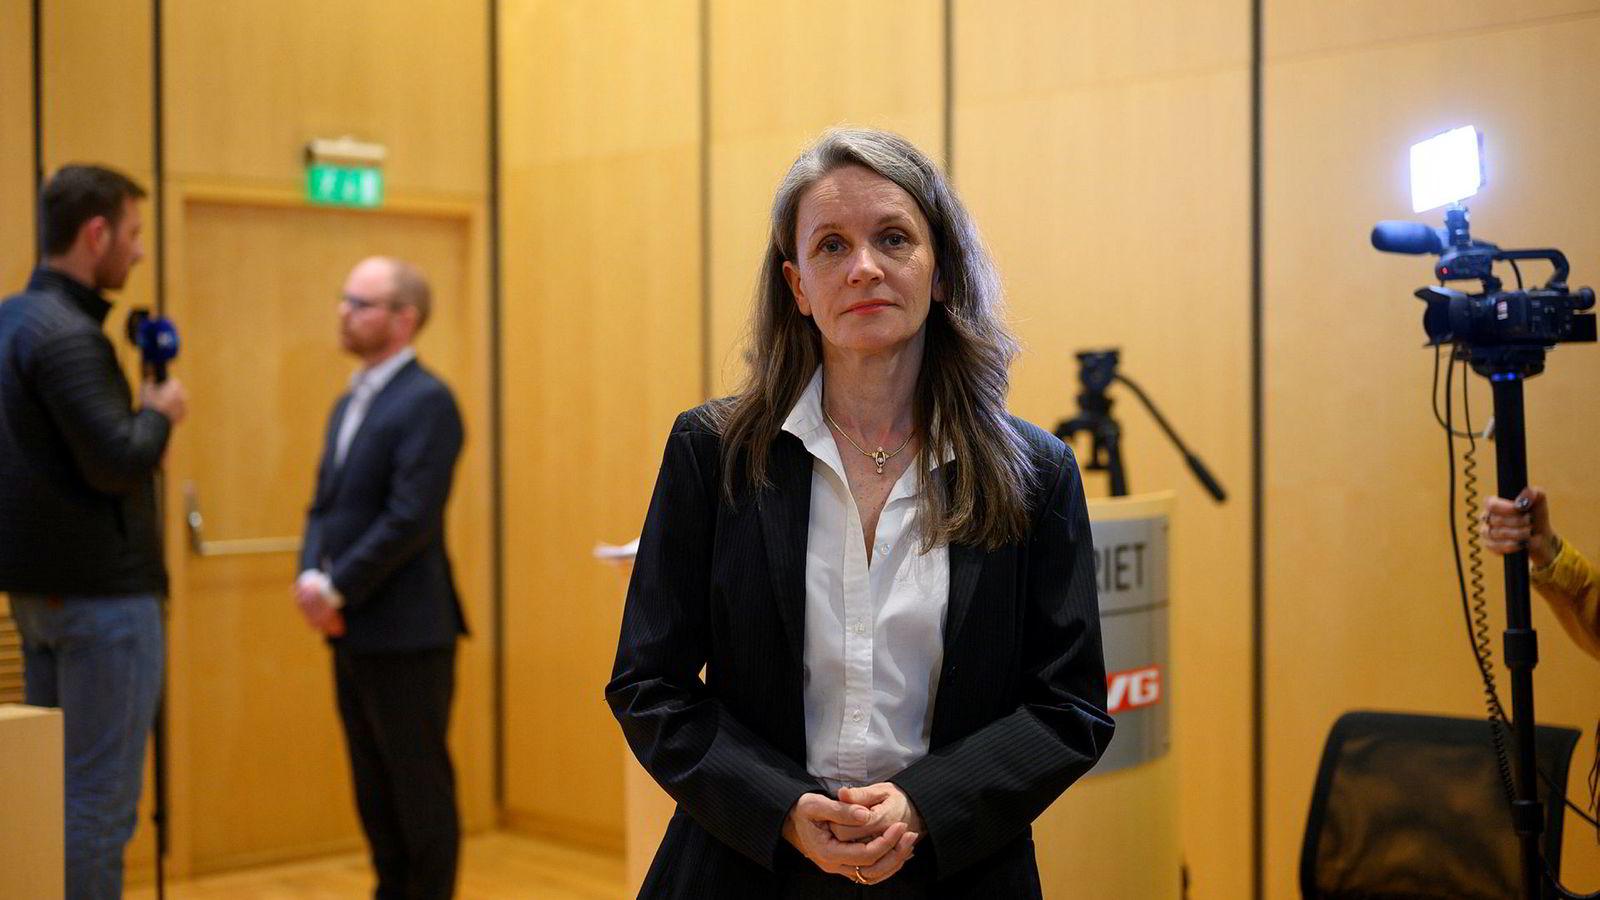 Politisk redaktør i VG, Hanne Skartveit, fikk kritikk av egne journalister etter at hun beklaget dansevideo-saken i «Debatten» på NRK. Her er hun på pressekonferansen i VG tirsdag kveld. I bakgrunnen sjefredaktør i VG Gard Steiro.